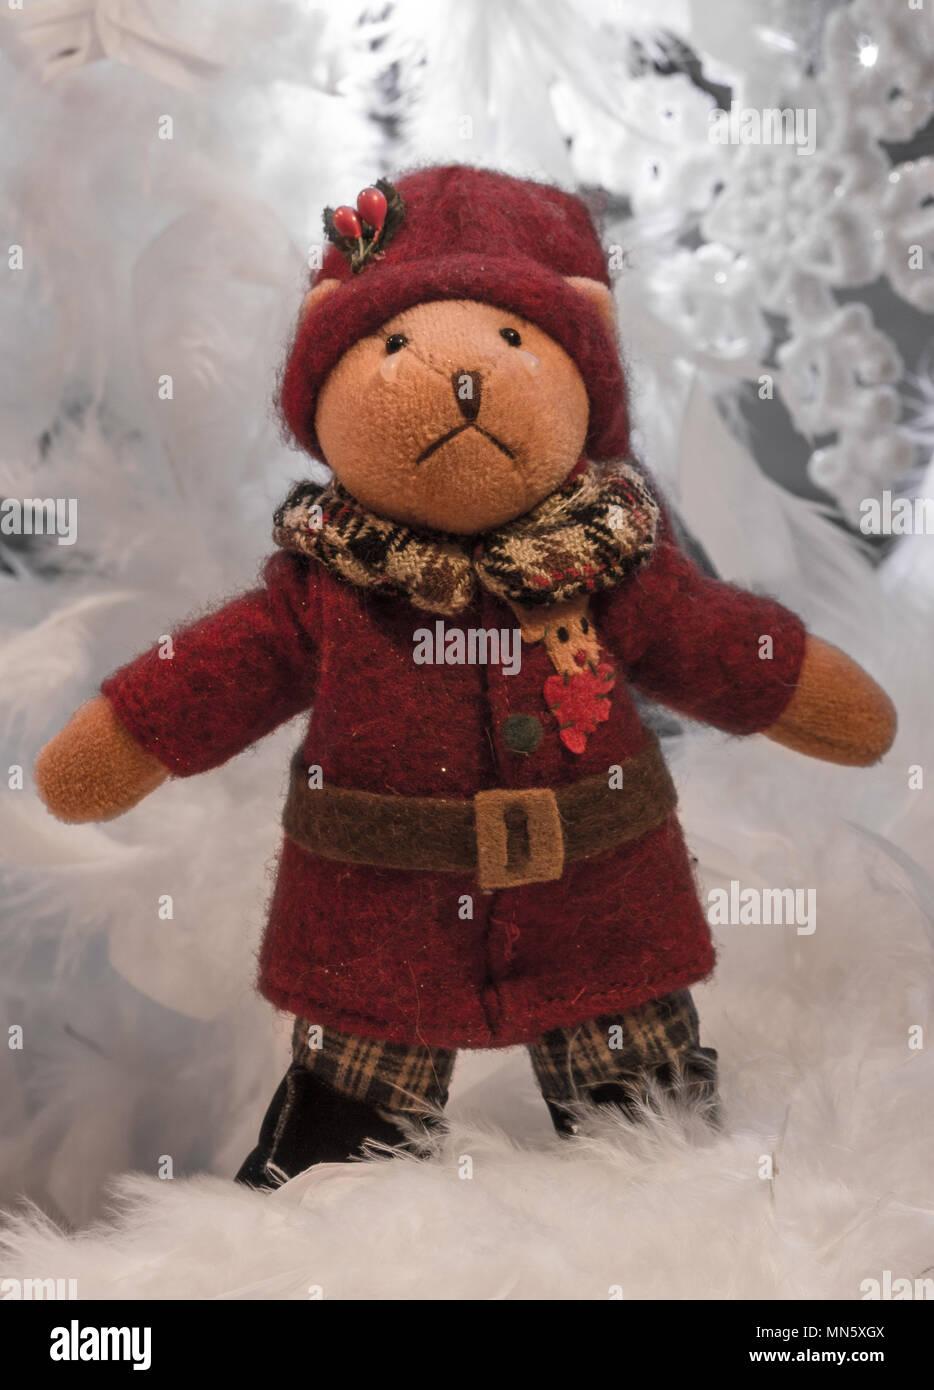 Sad Christmas tedding - Stock Image